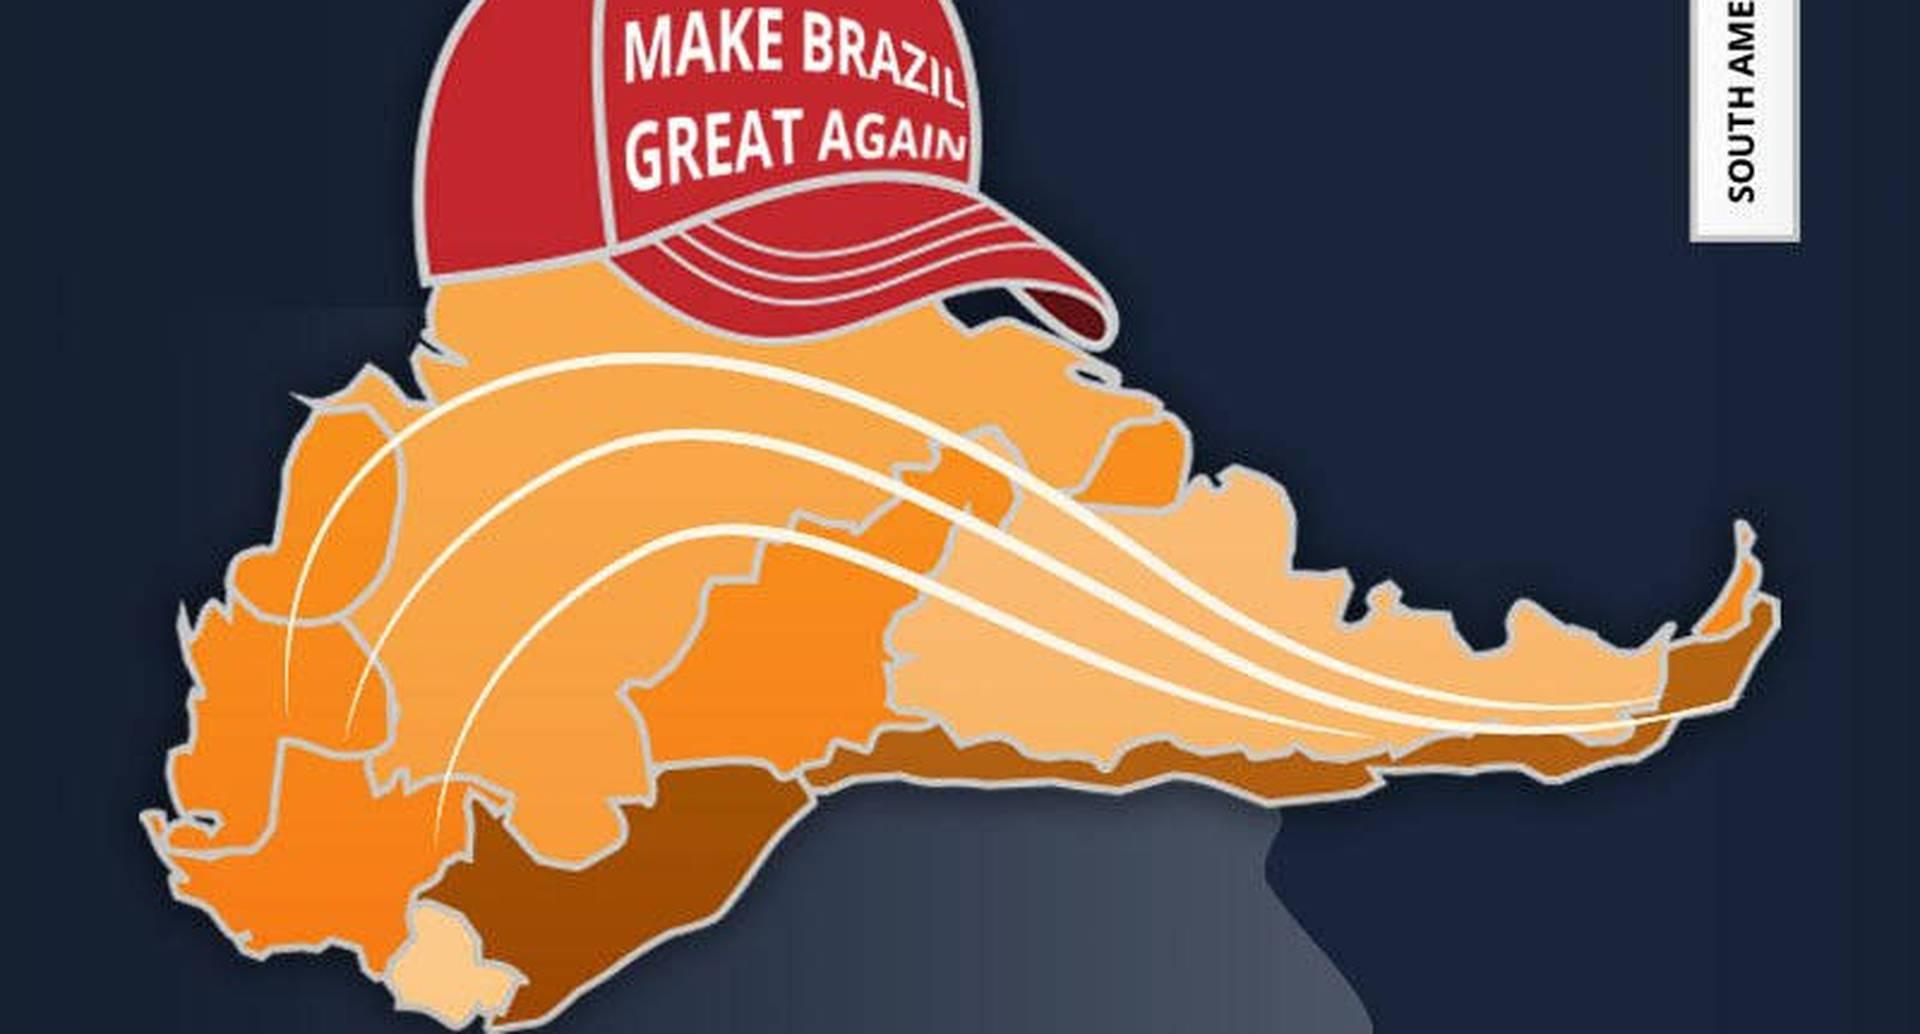 Donald Trump fue uno de los primeros en llamar a Bolsonaro para felicitarlo por su victoria. La alianza está servida.